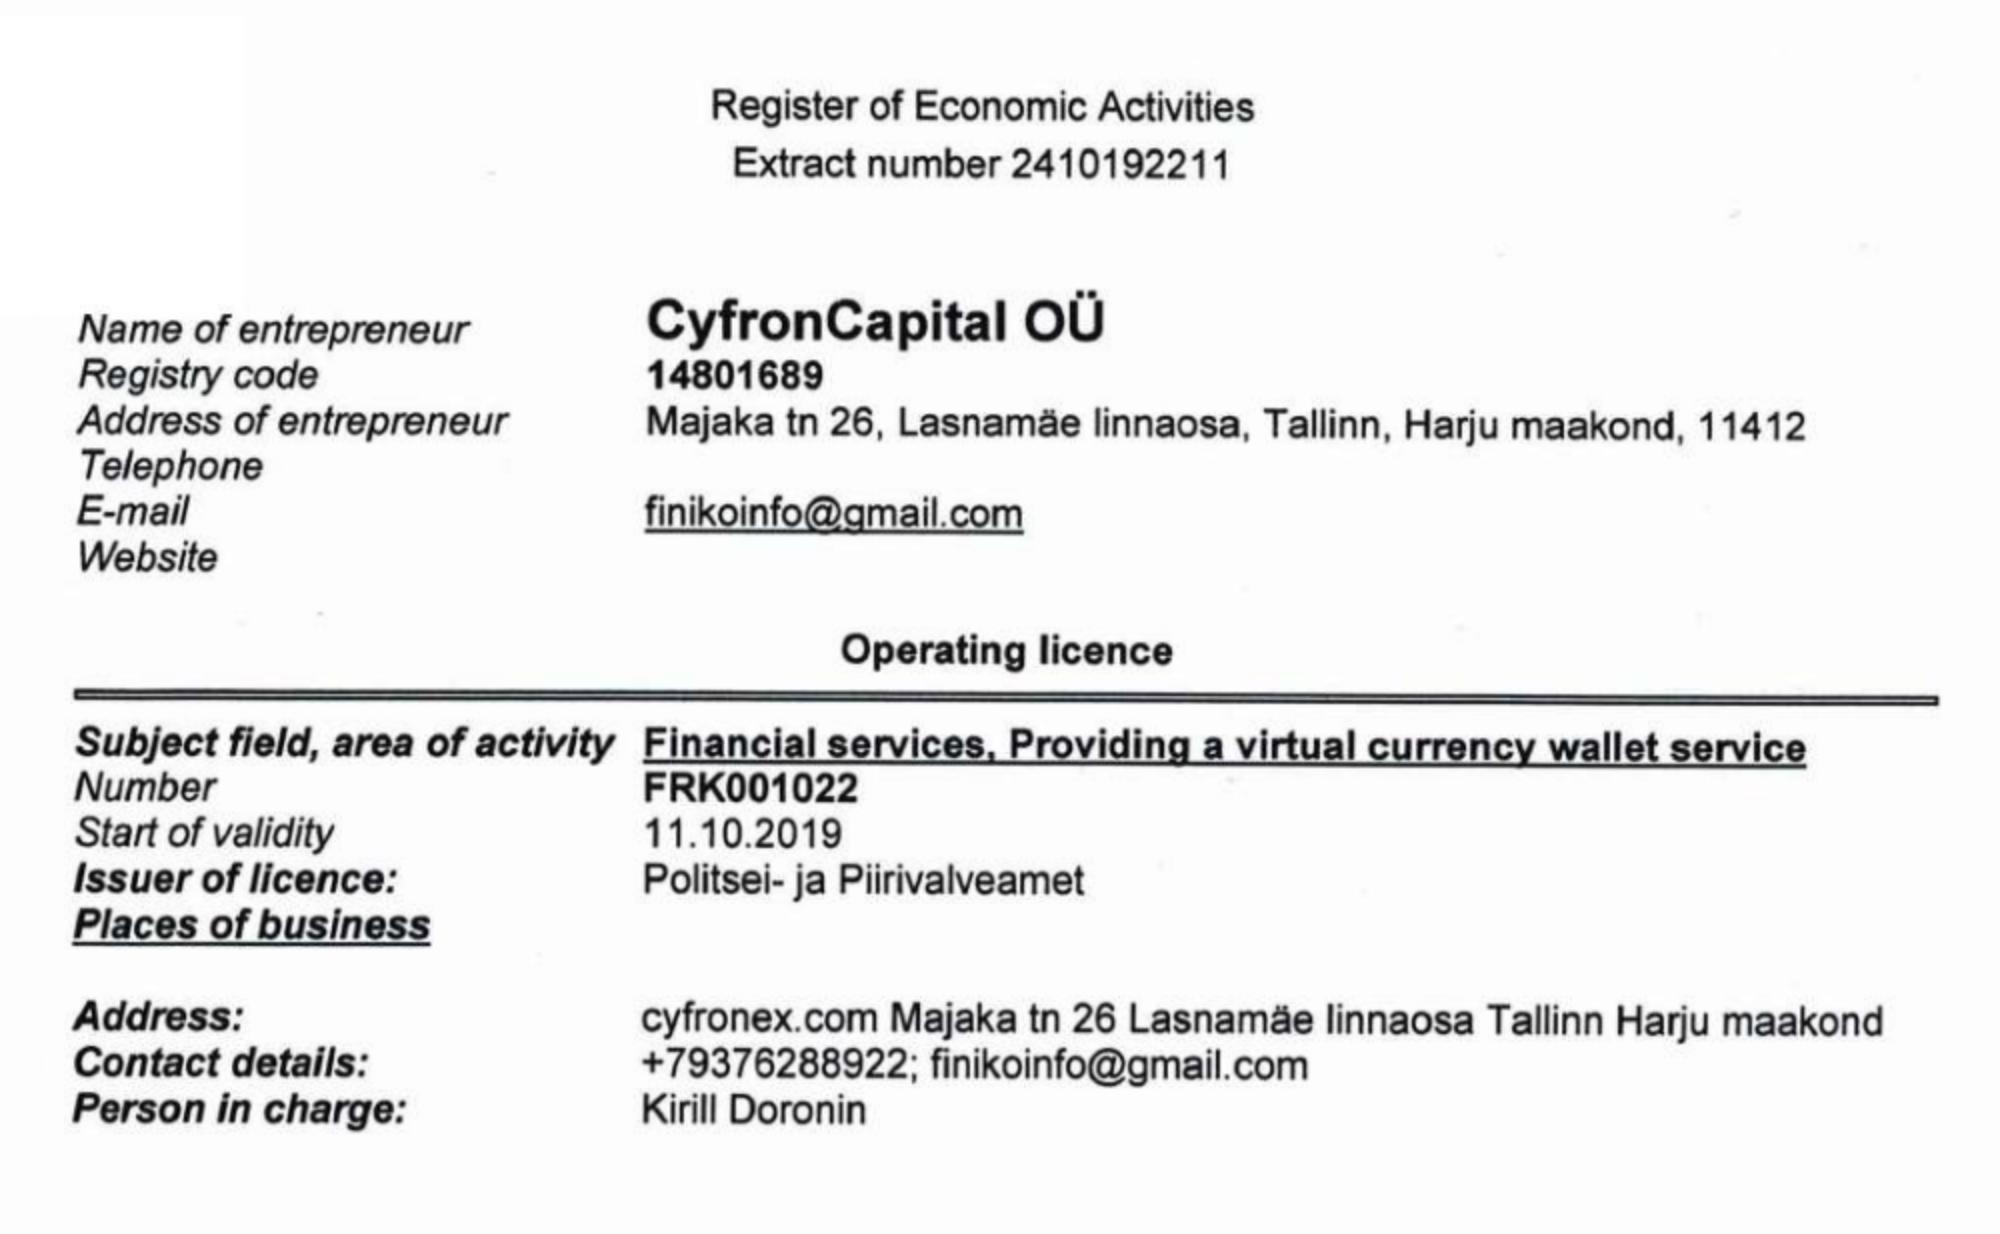 Сайт thefiniko.com указывает в качестве юрлица компанию CyfronCapital OÜ, которая зарегистрирована в Эстонии и имеет лицензию на финансовую деятельность